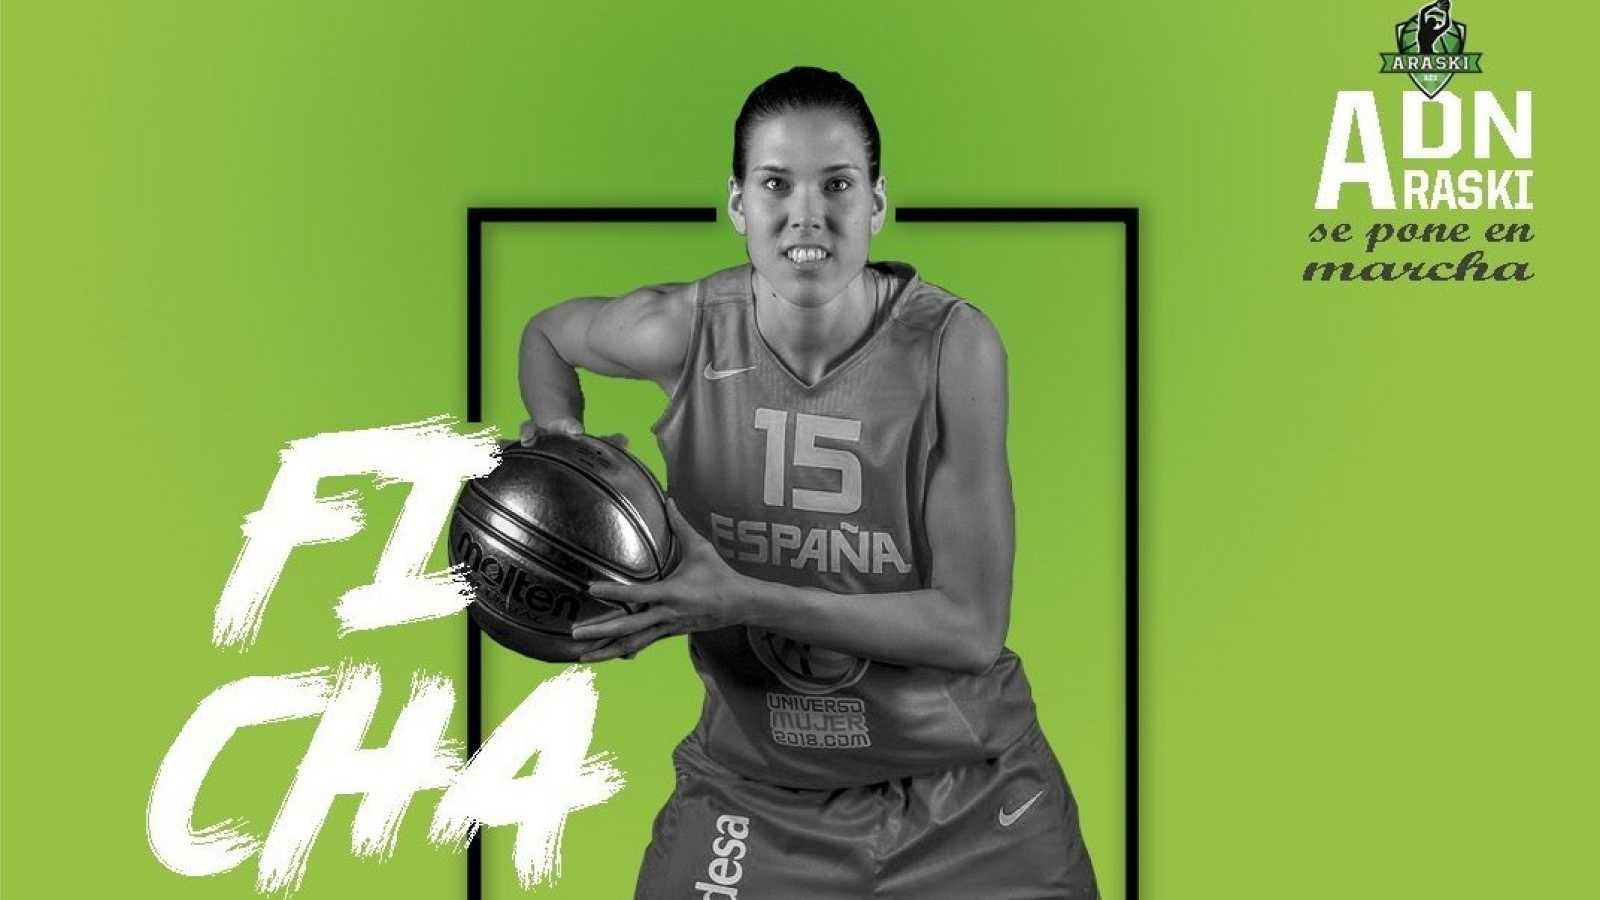 Imagen: Anna Cruz ficha por el Araski de la Liga femenina de baloncesto